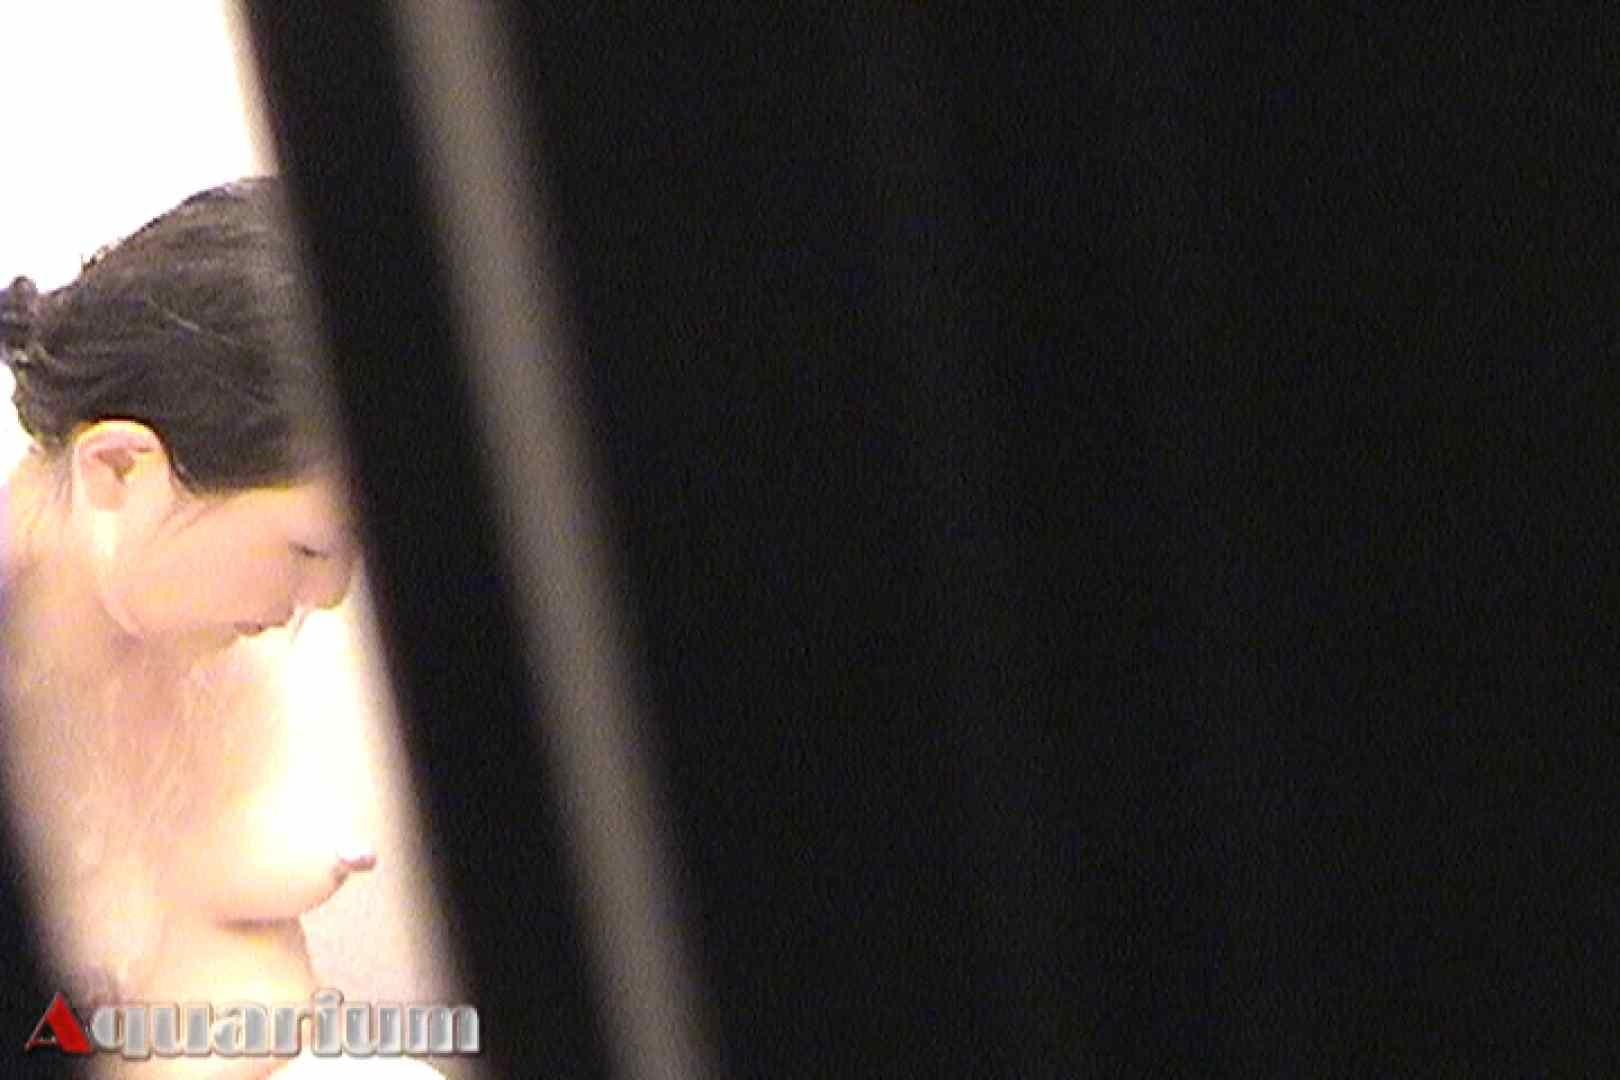 旅館脱衣所お着替え盗撮 Vol.04 脱衣所・着替え スケベ動画紹介 108枚 59